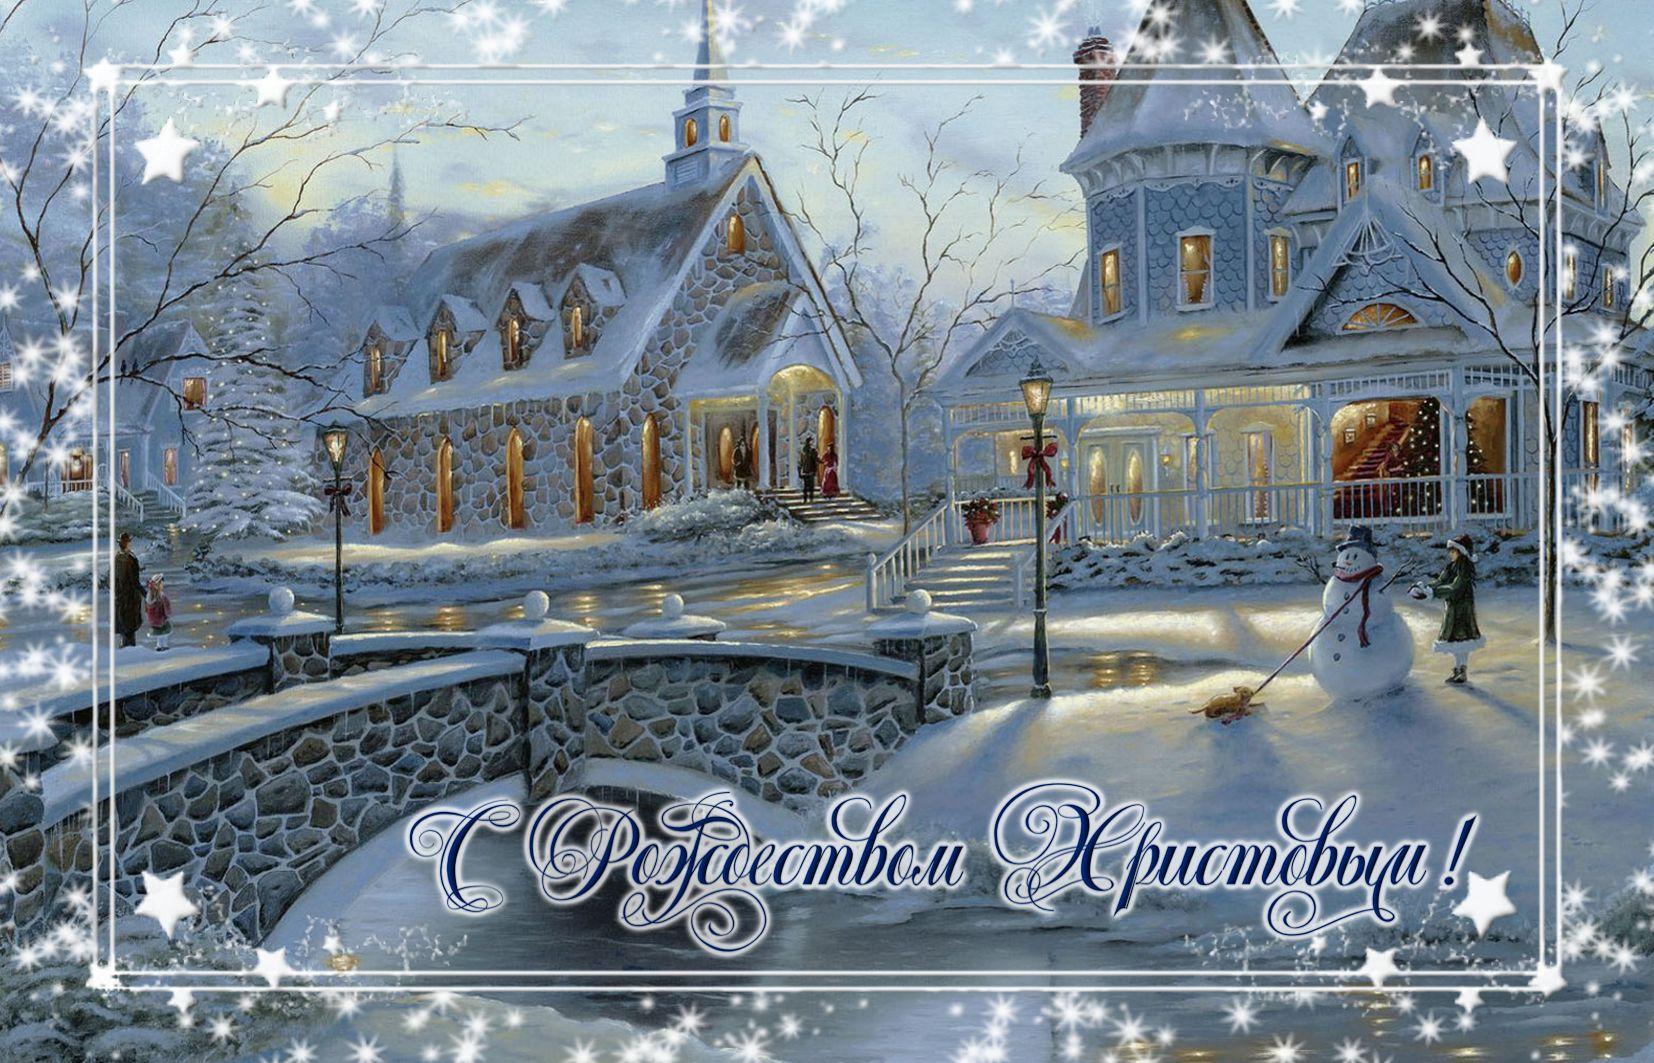 https://bonnycards.ru/images/rozhdestvo/rozhdestvo0006.jpg